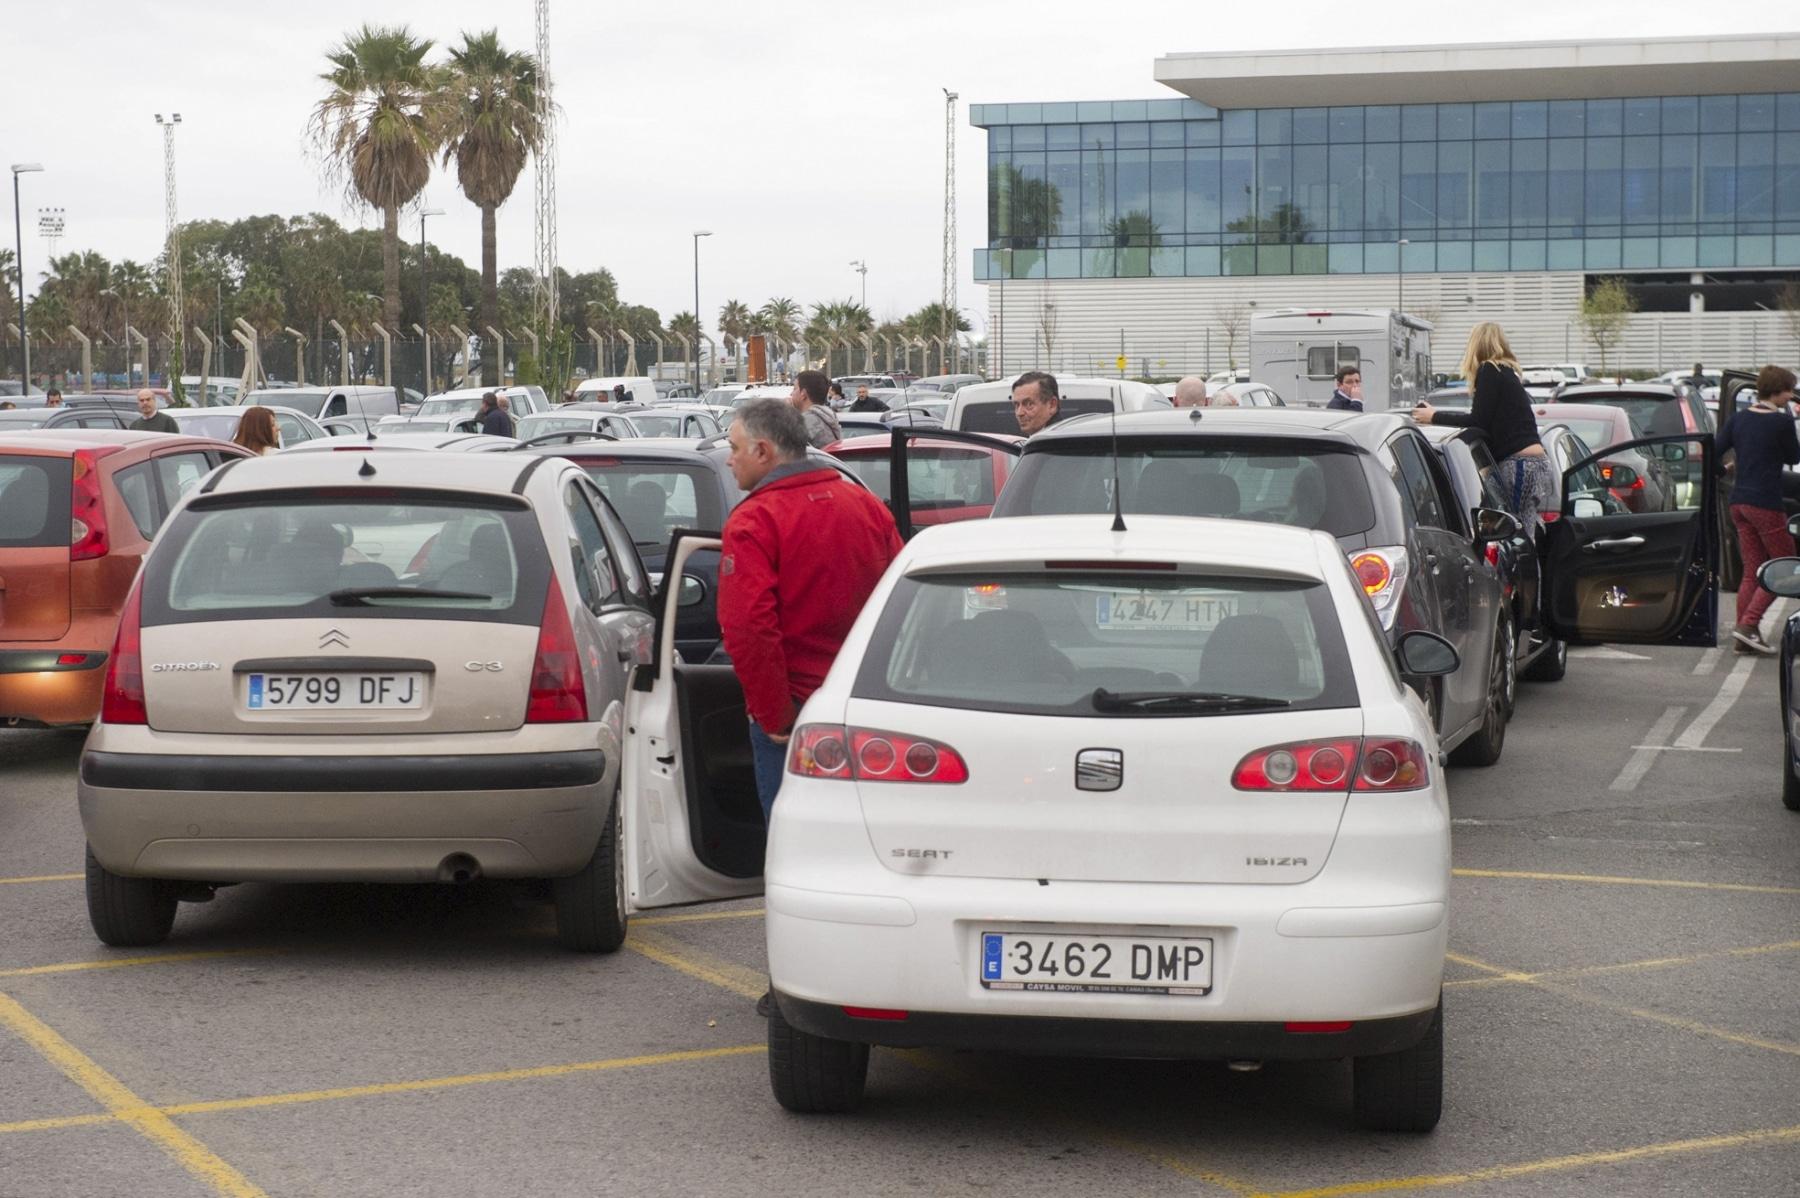 colas-coches-gibraltar-febrero-2014-1_12614417473_o